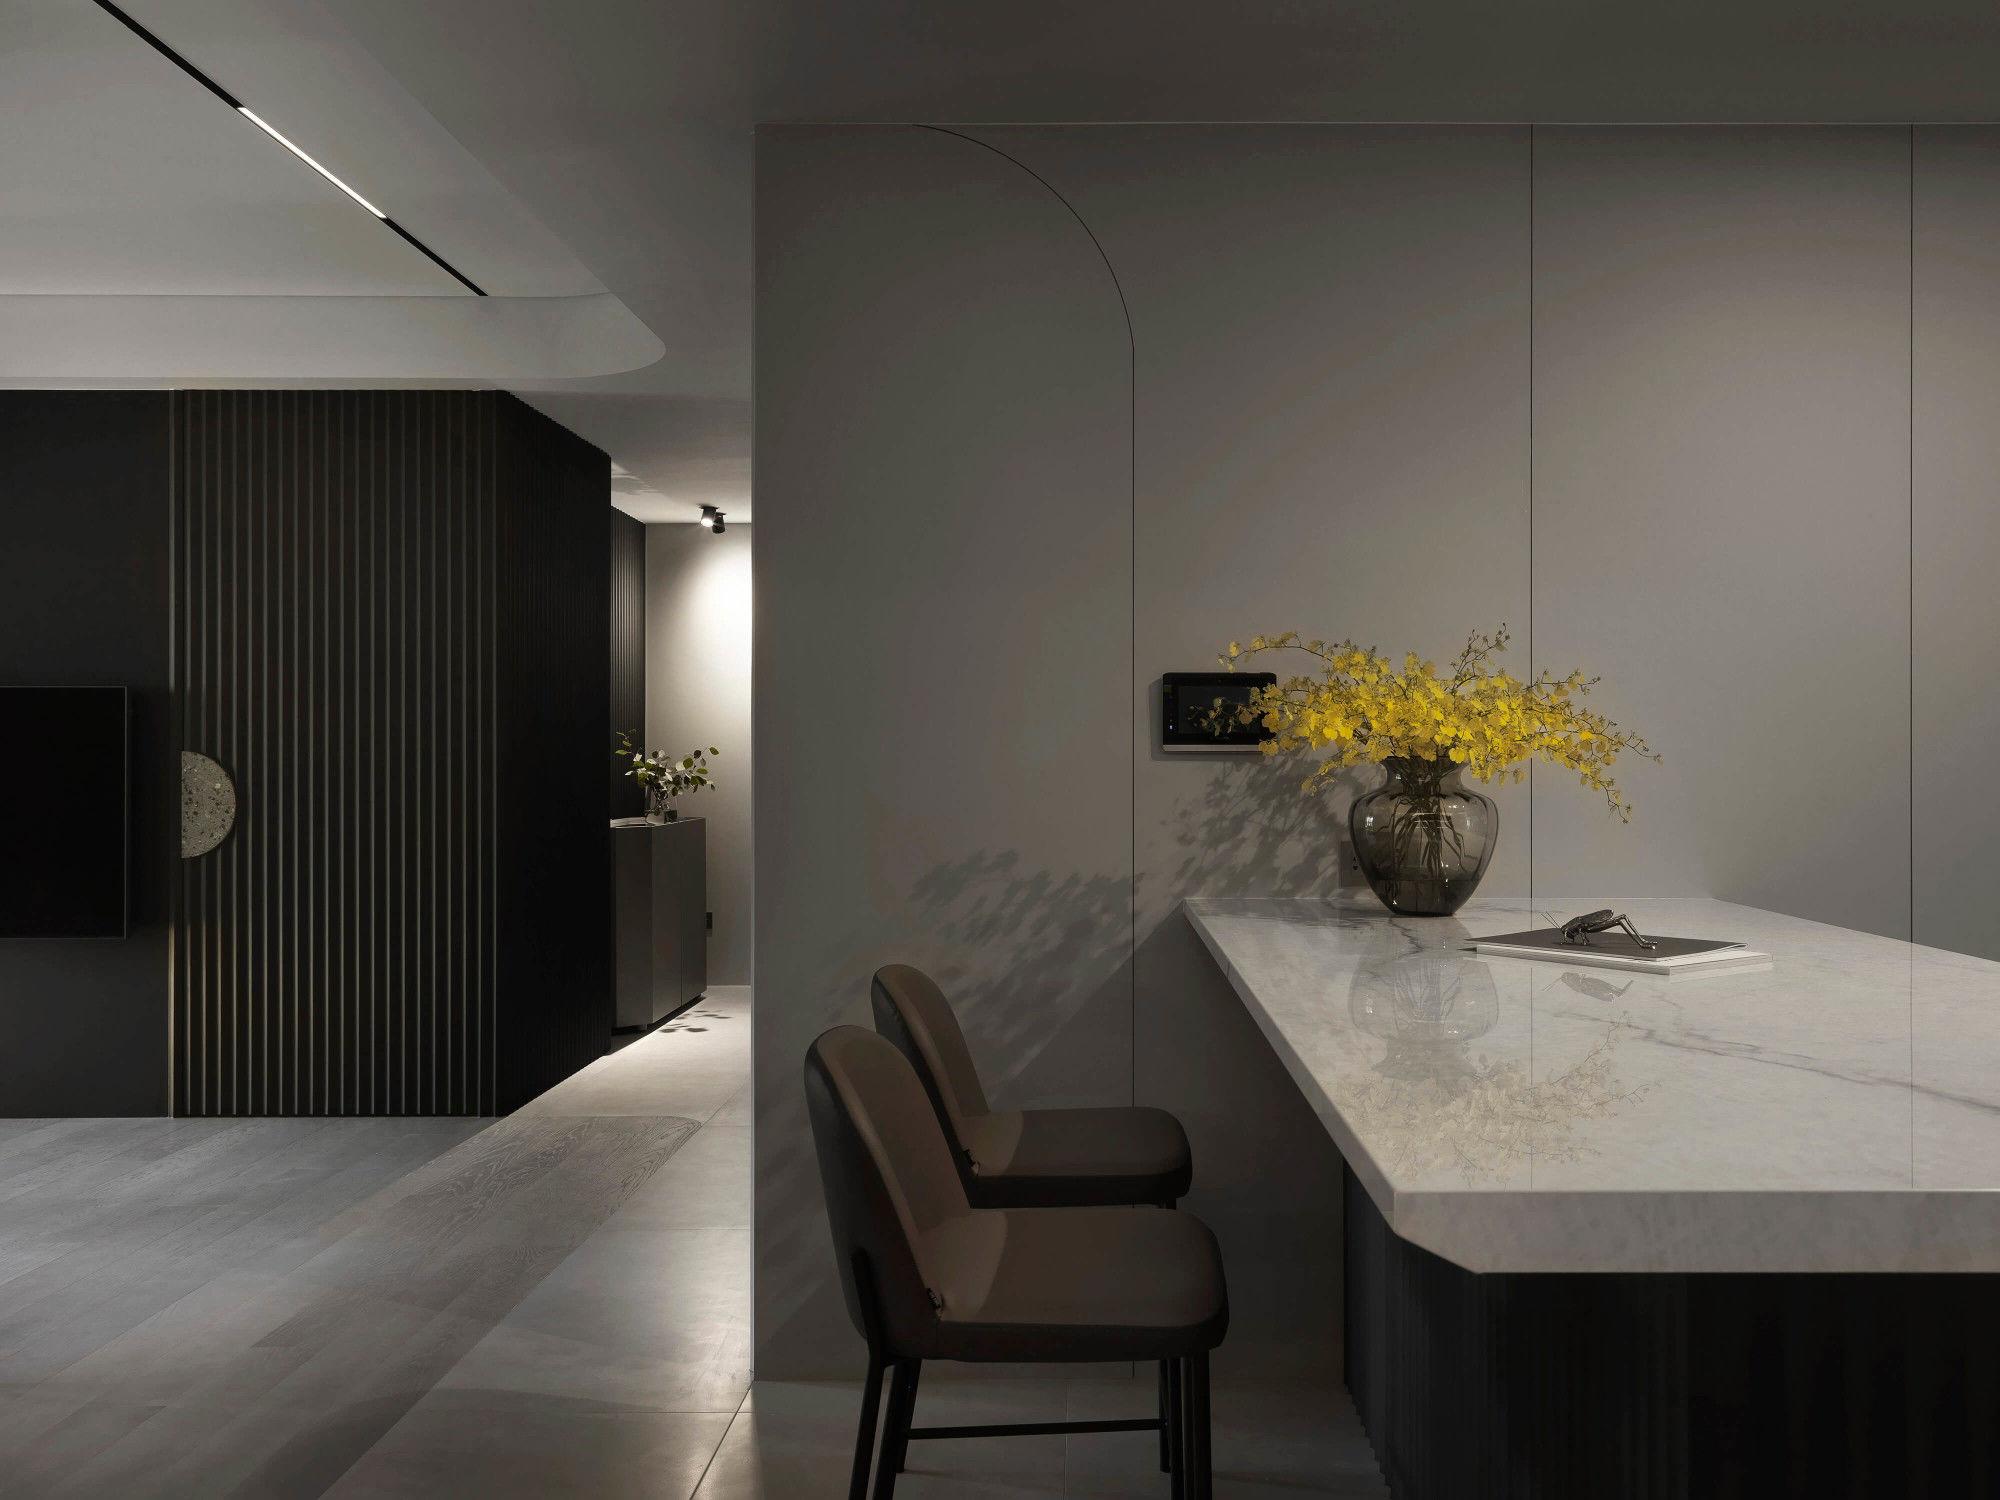 台中分子設計-現代風設計師-台中七期室內設計-電梯大樓整體規劃-客廳、中島設計、輕食區